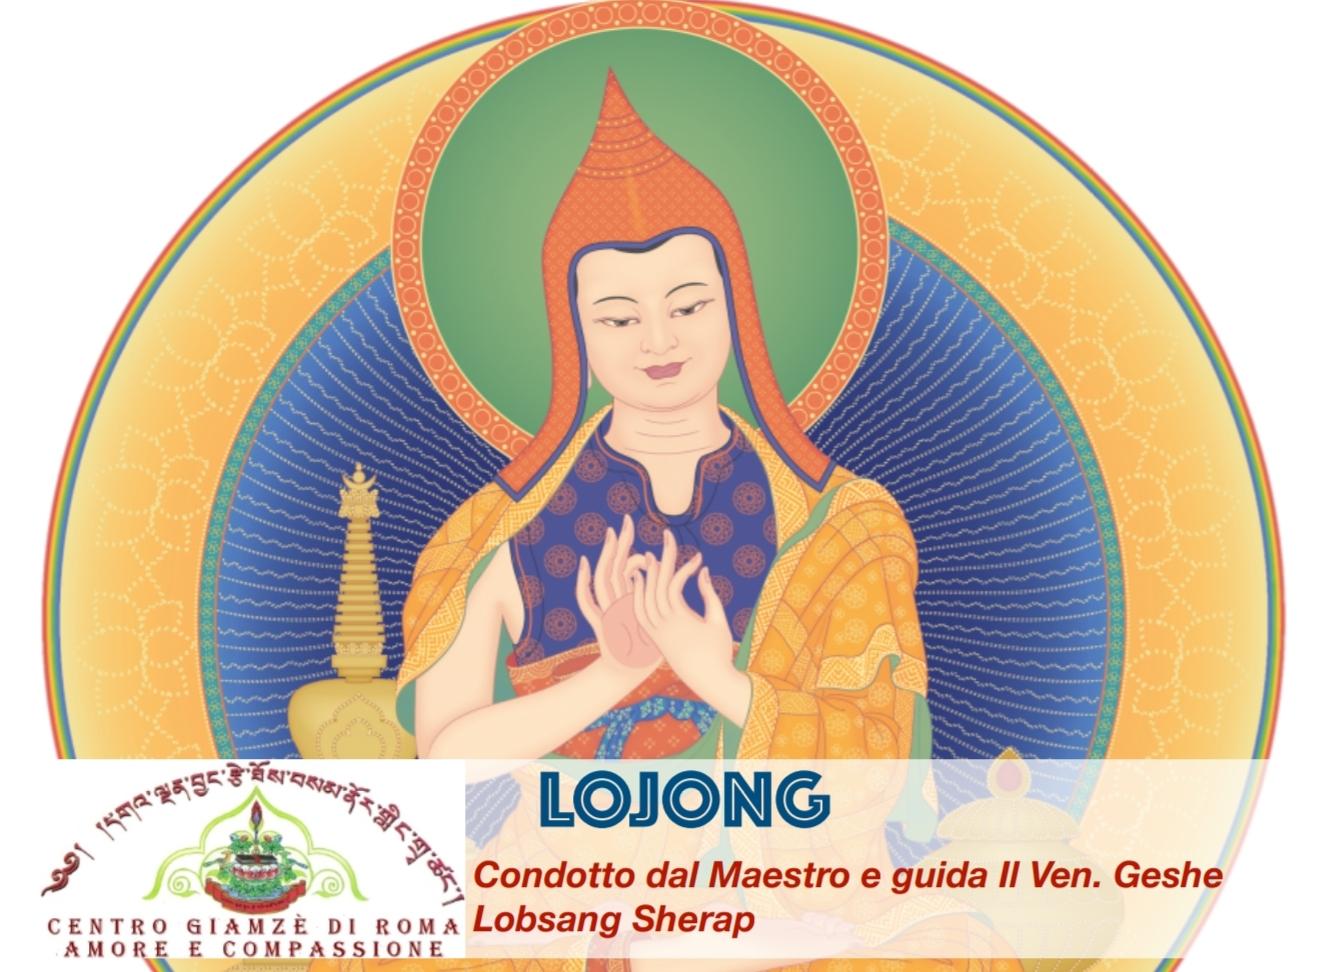 """Incontro di filosofia buddhista tibetana """"Lojong"""" condotto dal Maestro e guida Il Ven. Geshe Lobsang Sherap"""